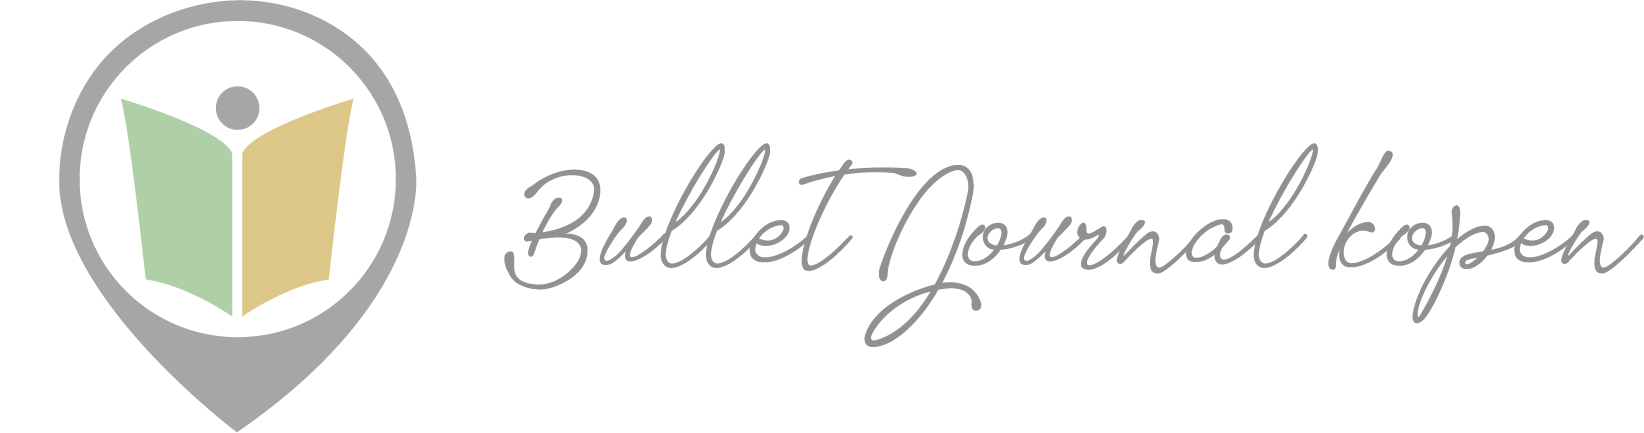 Waarom zoveel mensen een bullet journal kopen